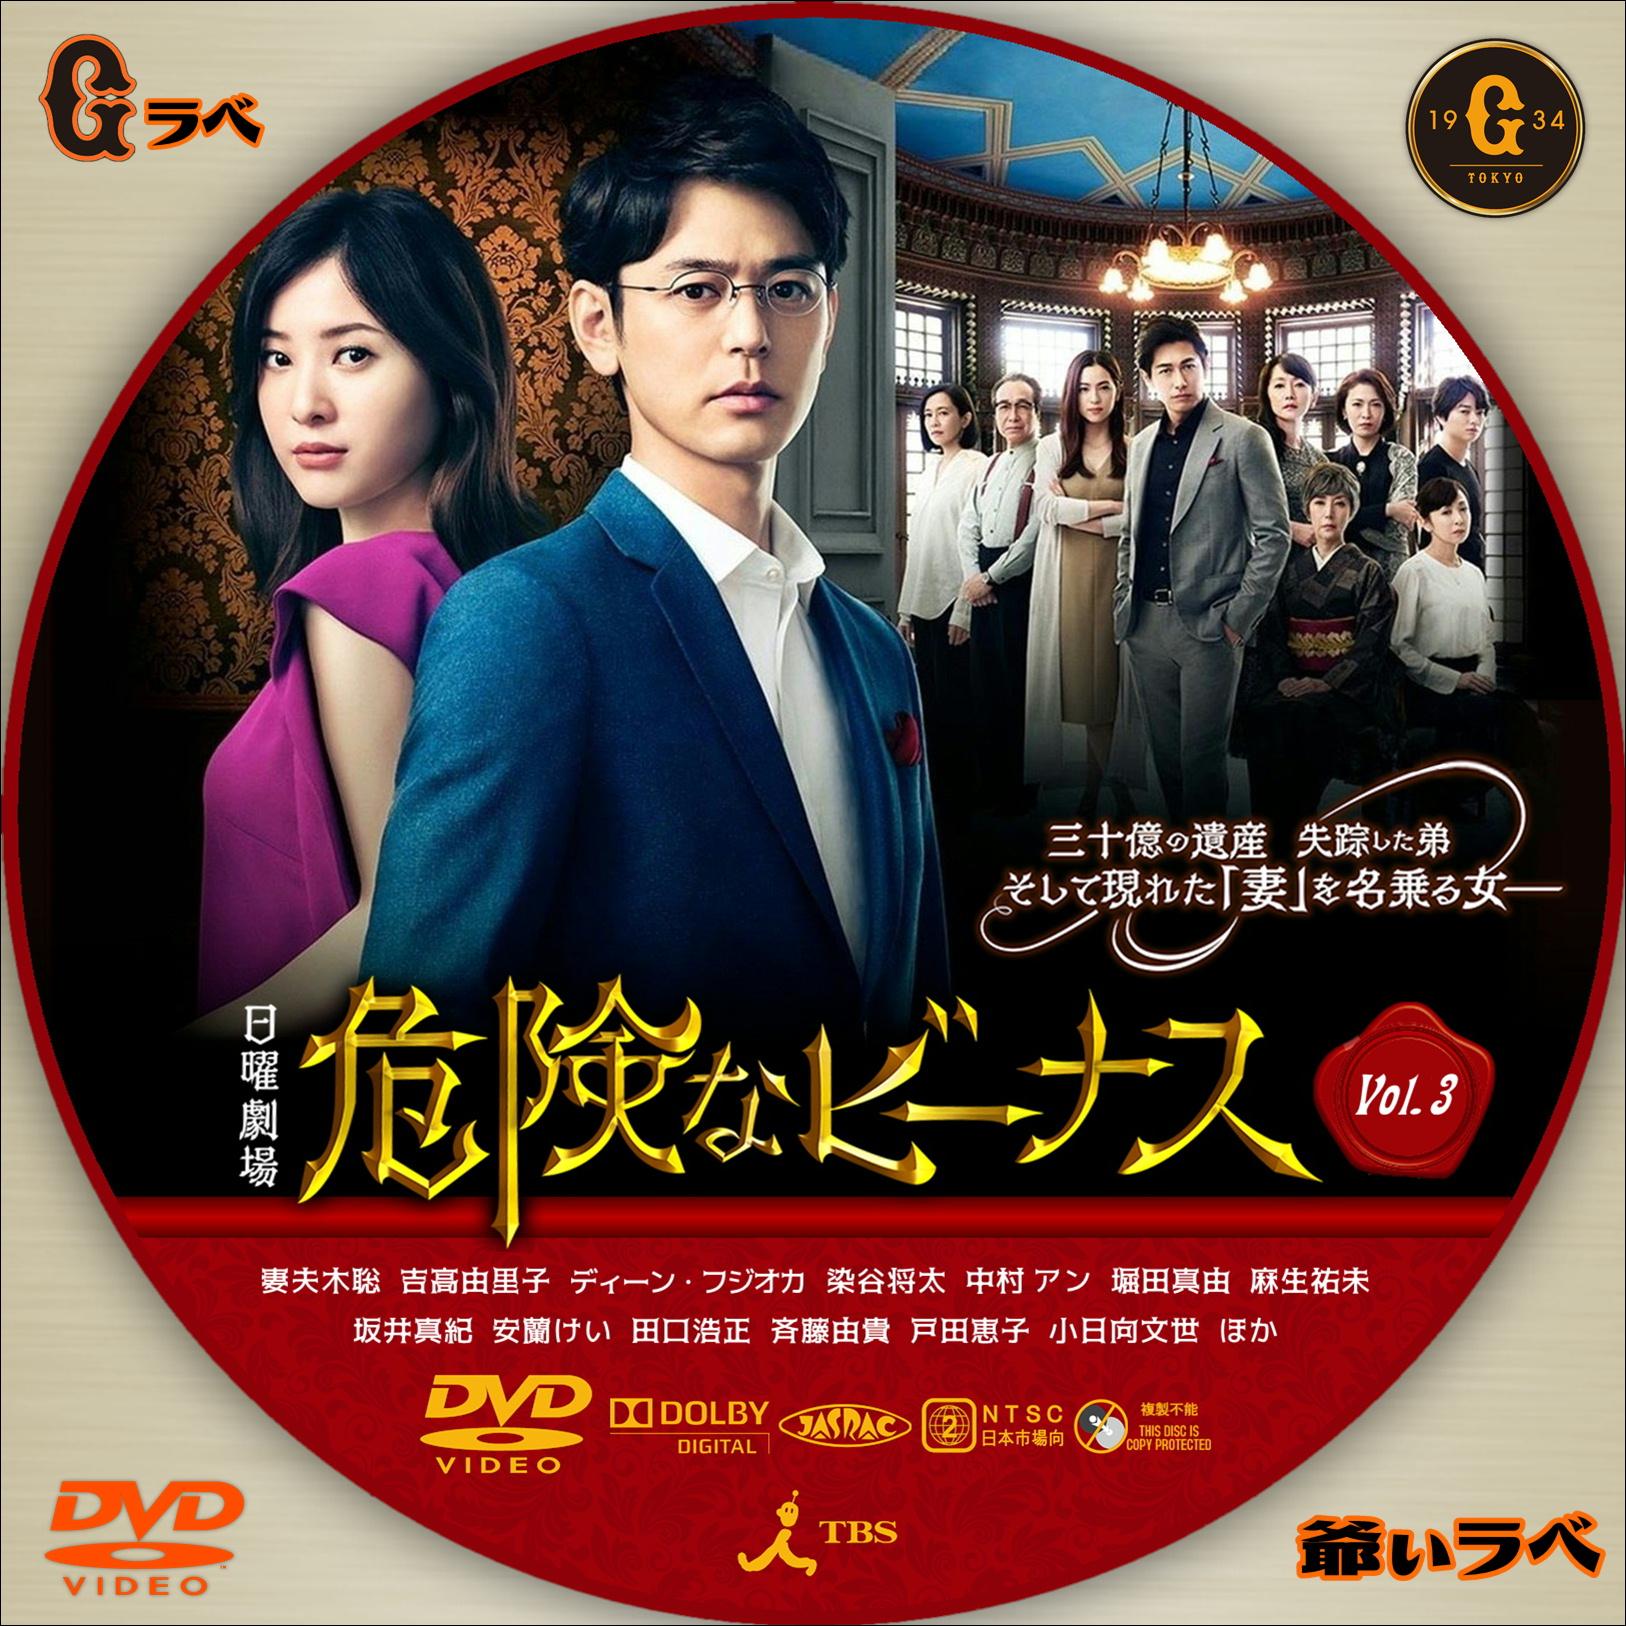 危険なビーナス Vol-3(DVD)